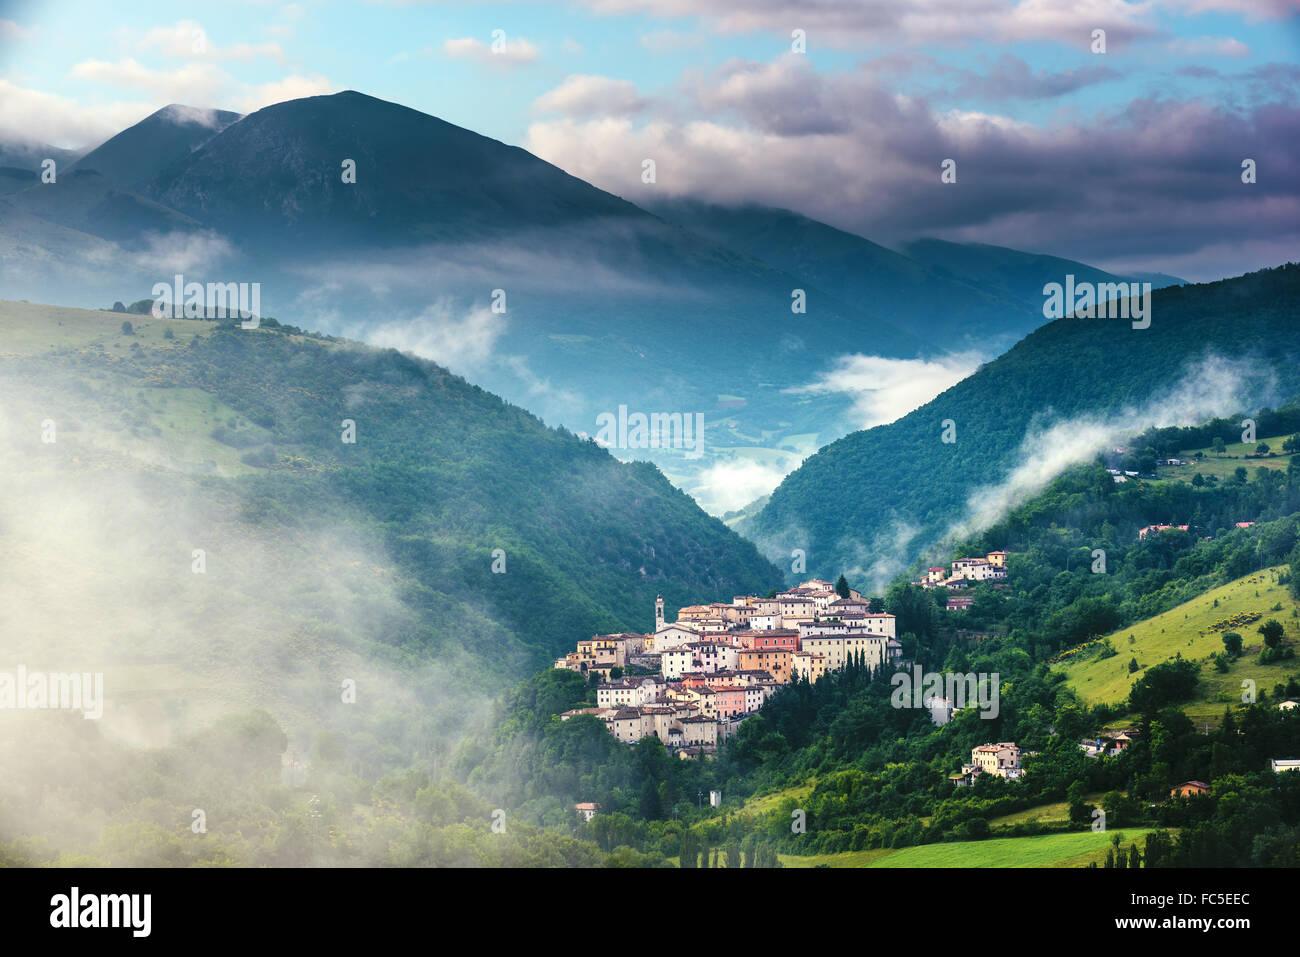 La campiña de sunrise cerca de Preci en la Valnerina, Umbría. Foto de stock